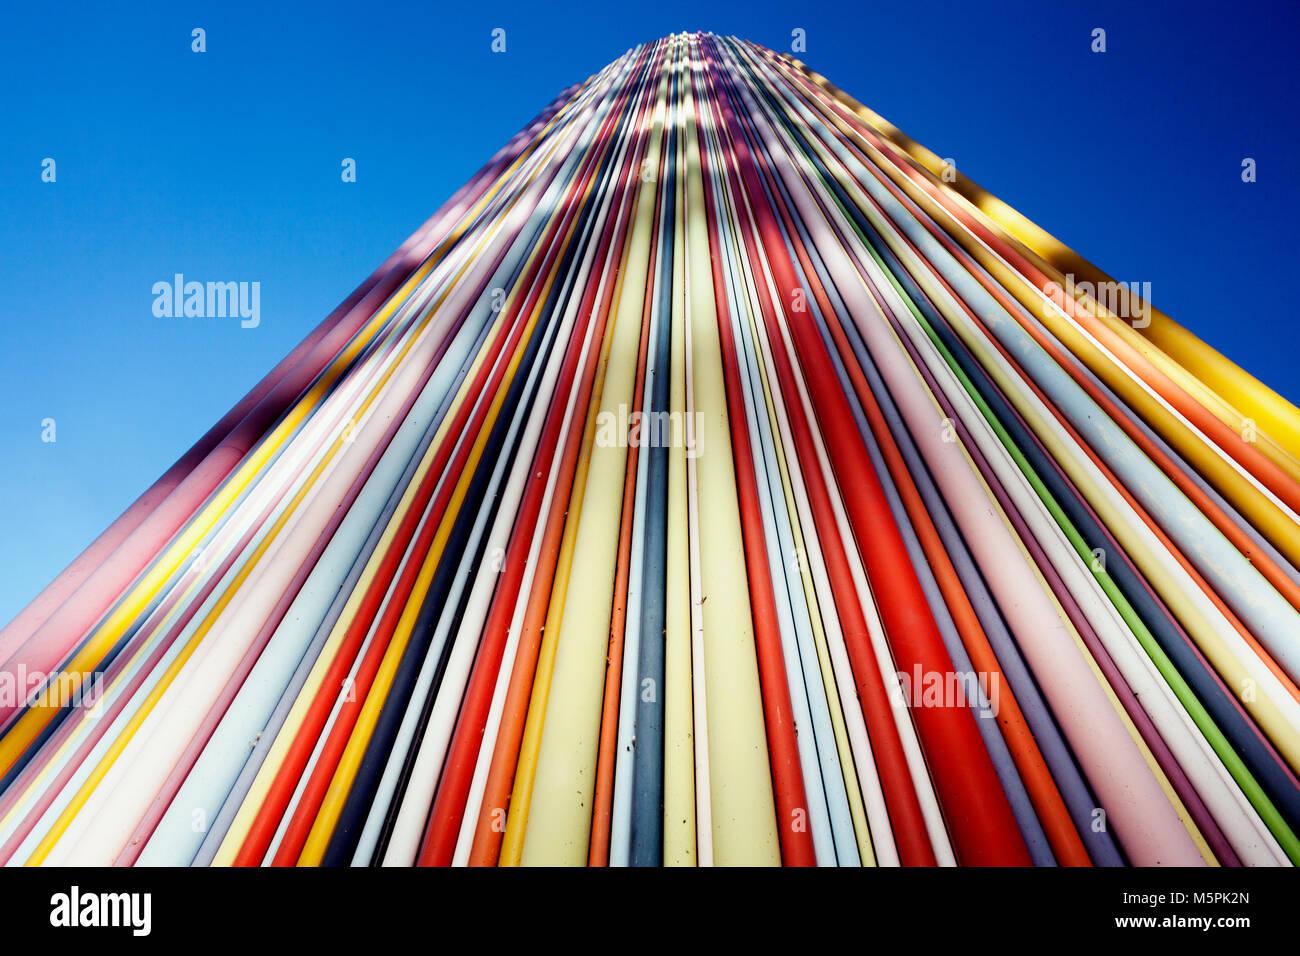 Eine niedrige Winkel perspektivische Ansicht des modernen, farbenfrohen und geometrischen gebaut Struktur in Paris, Stockbild